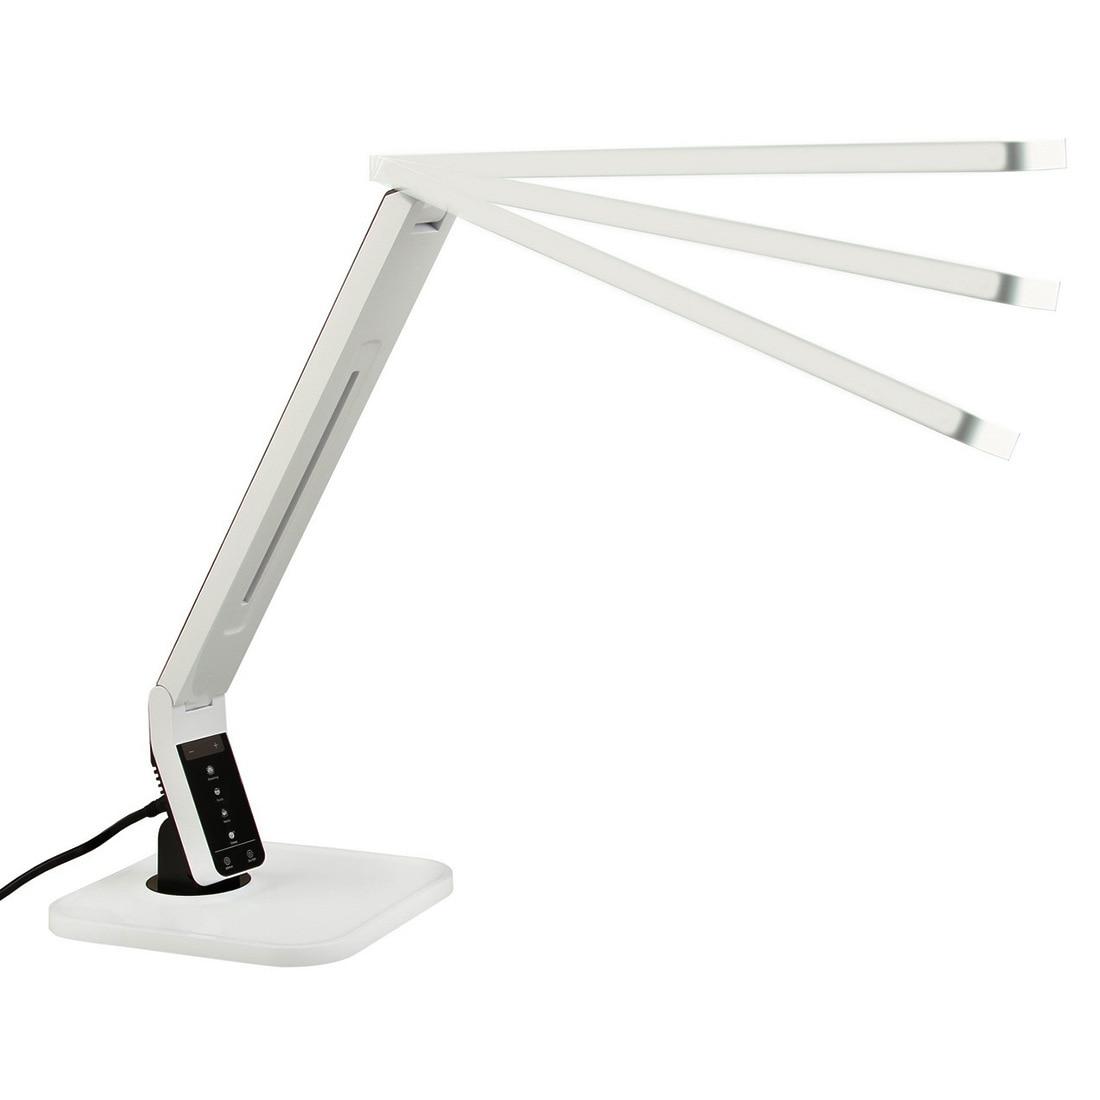 Lampe de bureau avec LCD Affichage Économie D'énergie Souple, Pliable Rechargeable Lecture Lumière Eye-protection Lampes Lampe de Table de Bureau